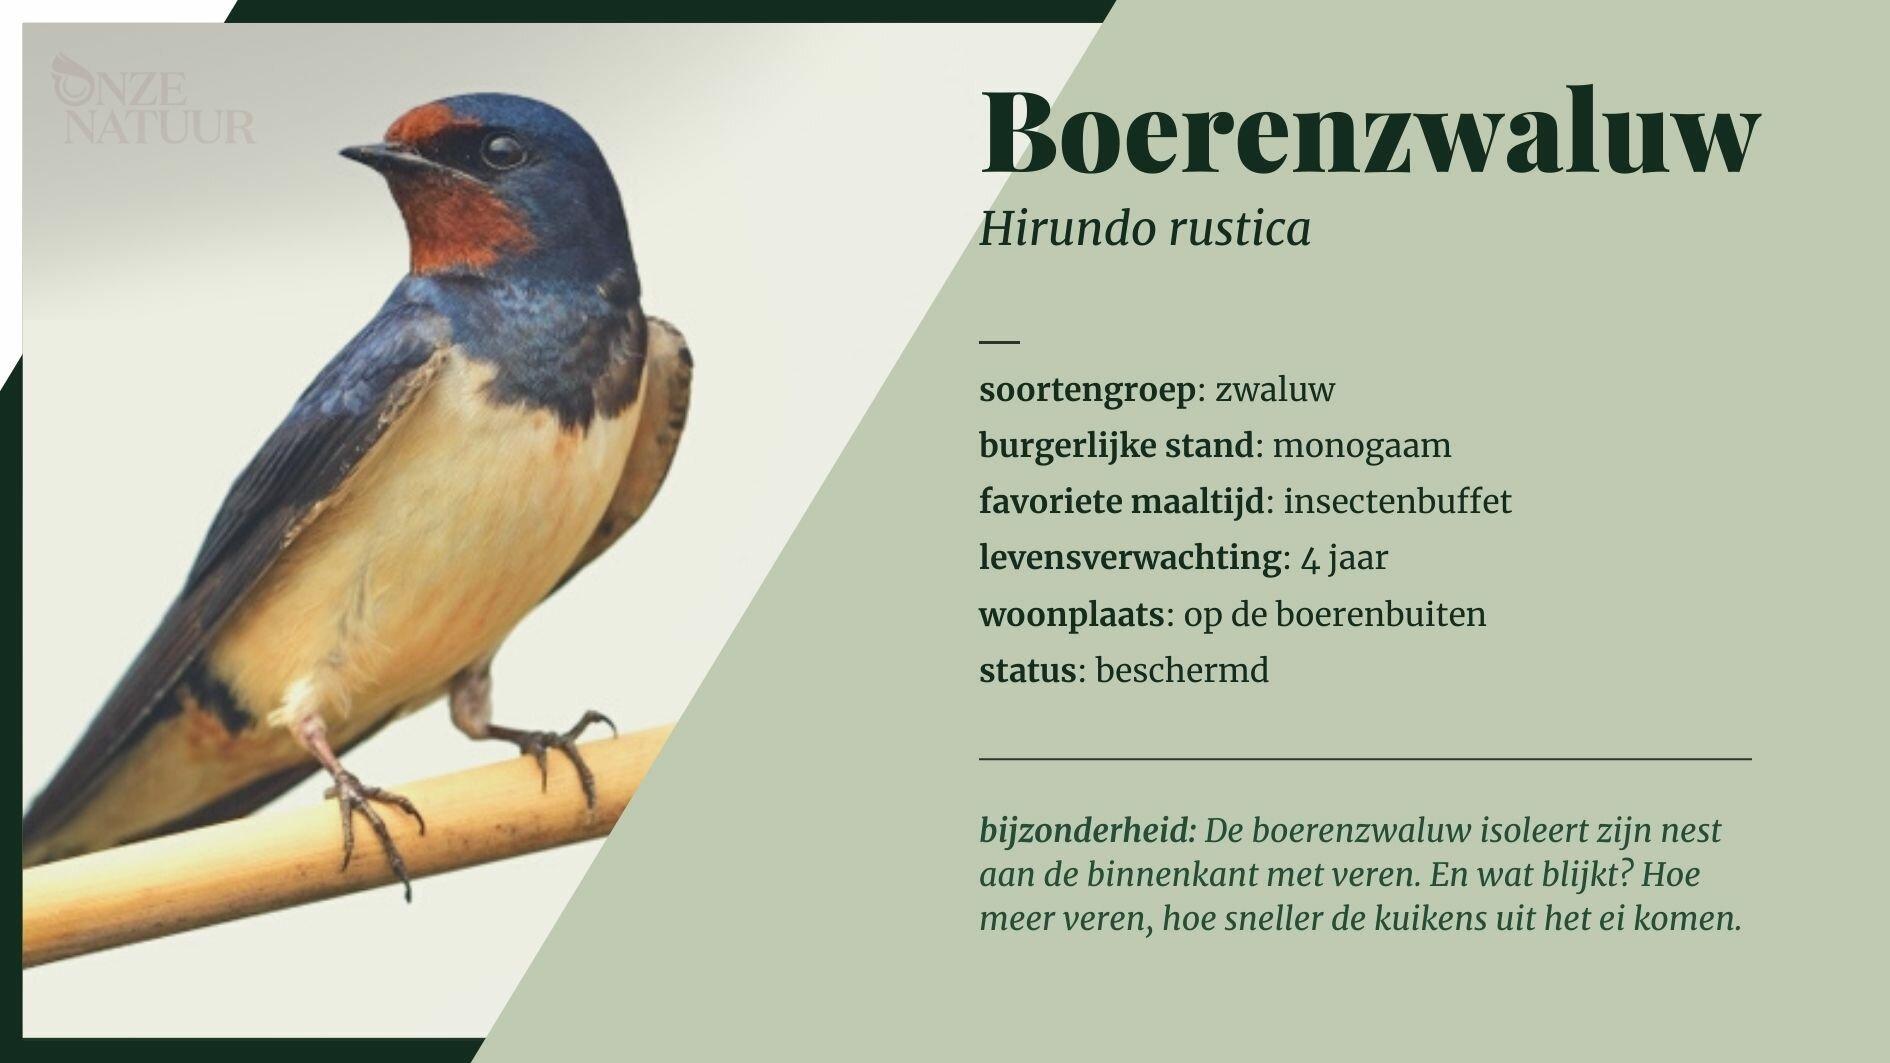 boerenzwaluw-nl.jpg